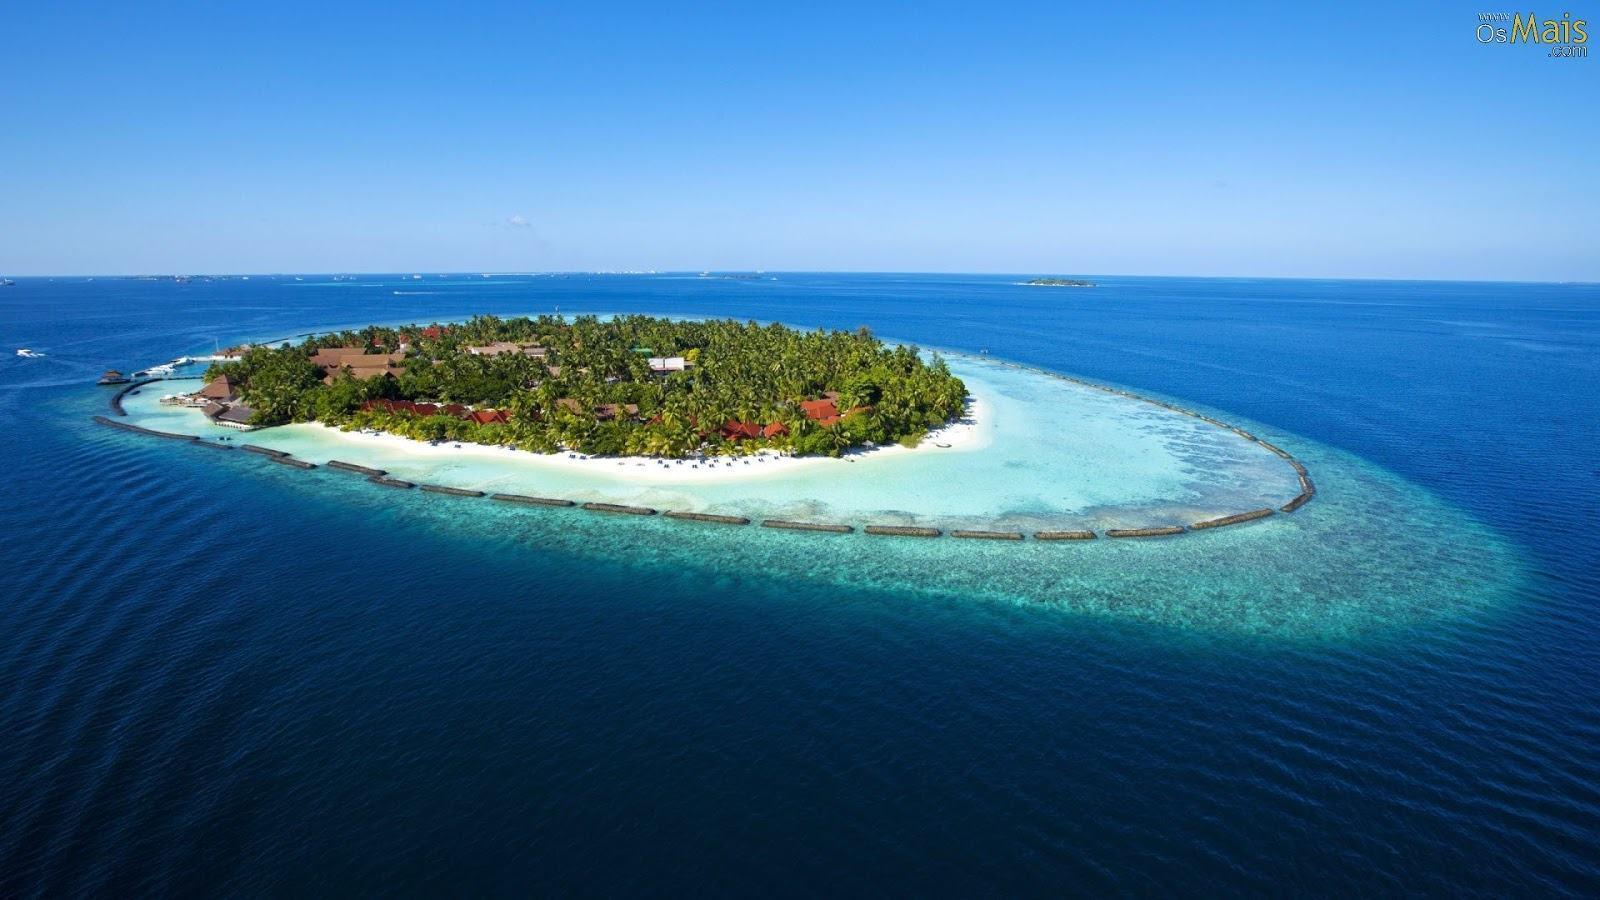 O que é uma ilha?